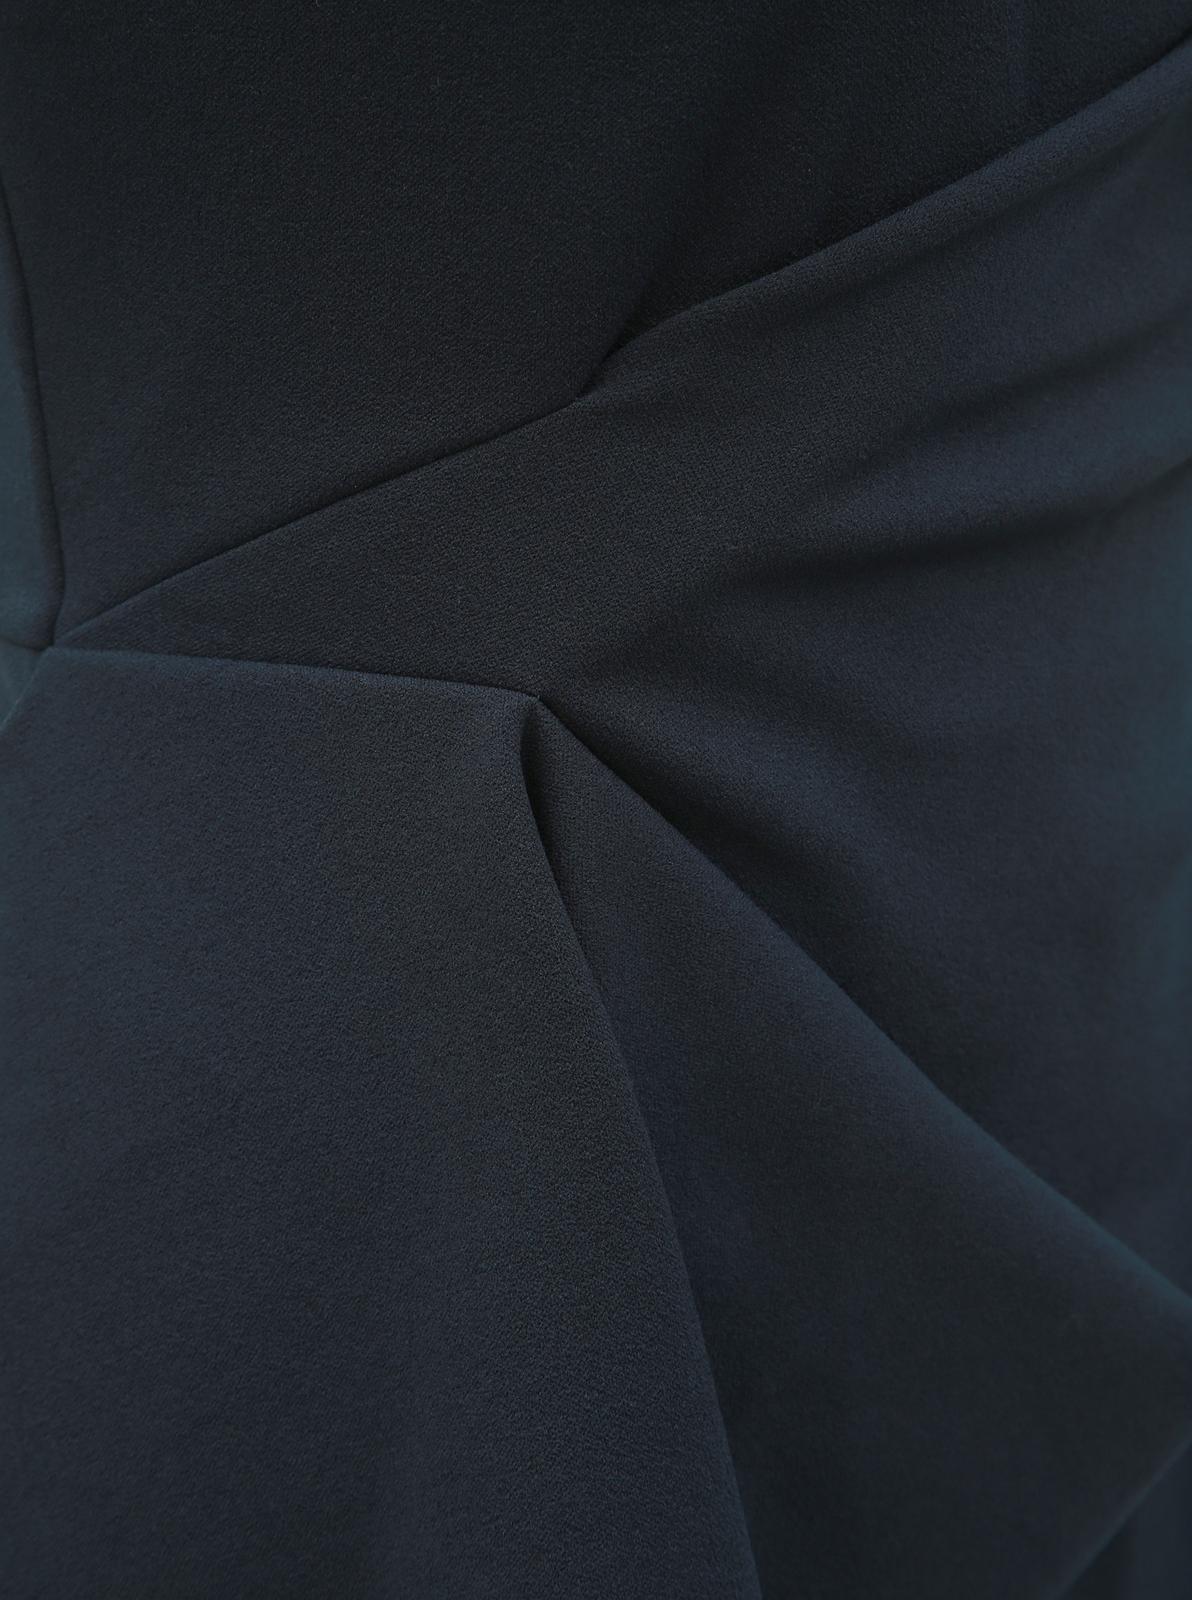 Tmavo modré puzdrové šaty Dorothy Perkins - 36 - Obrázok č. 3